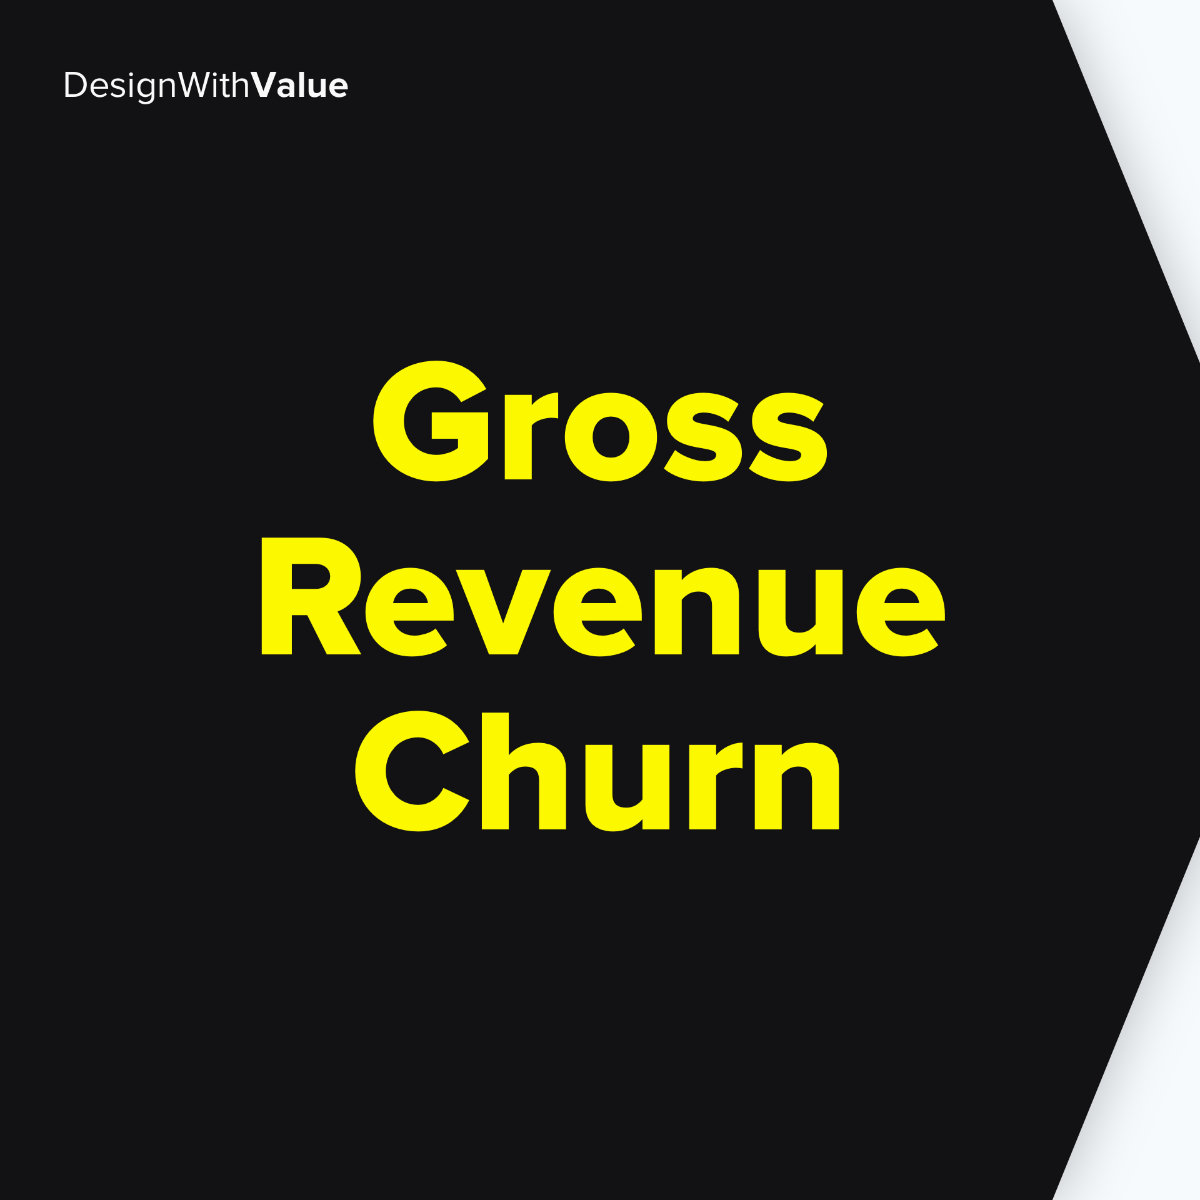 Gross revenue churn means